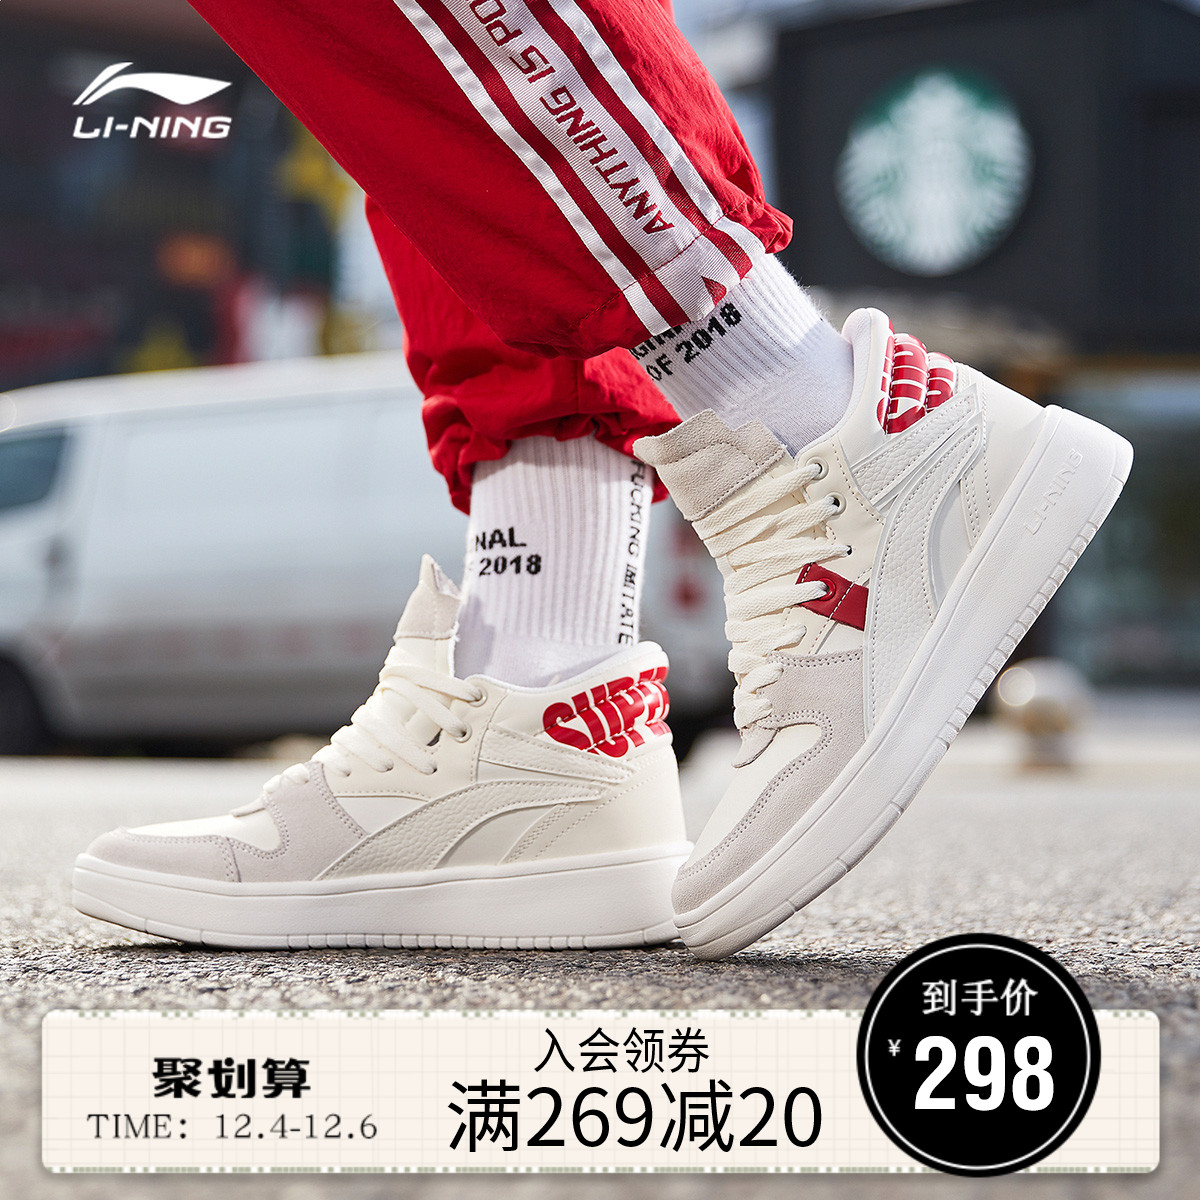 李宁休闲鞋女鞋2019新款Superwave Hi轻质休闲板鞋时尚高帮运动鞋